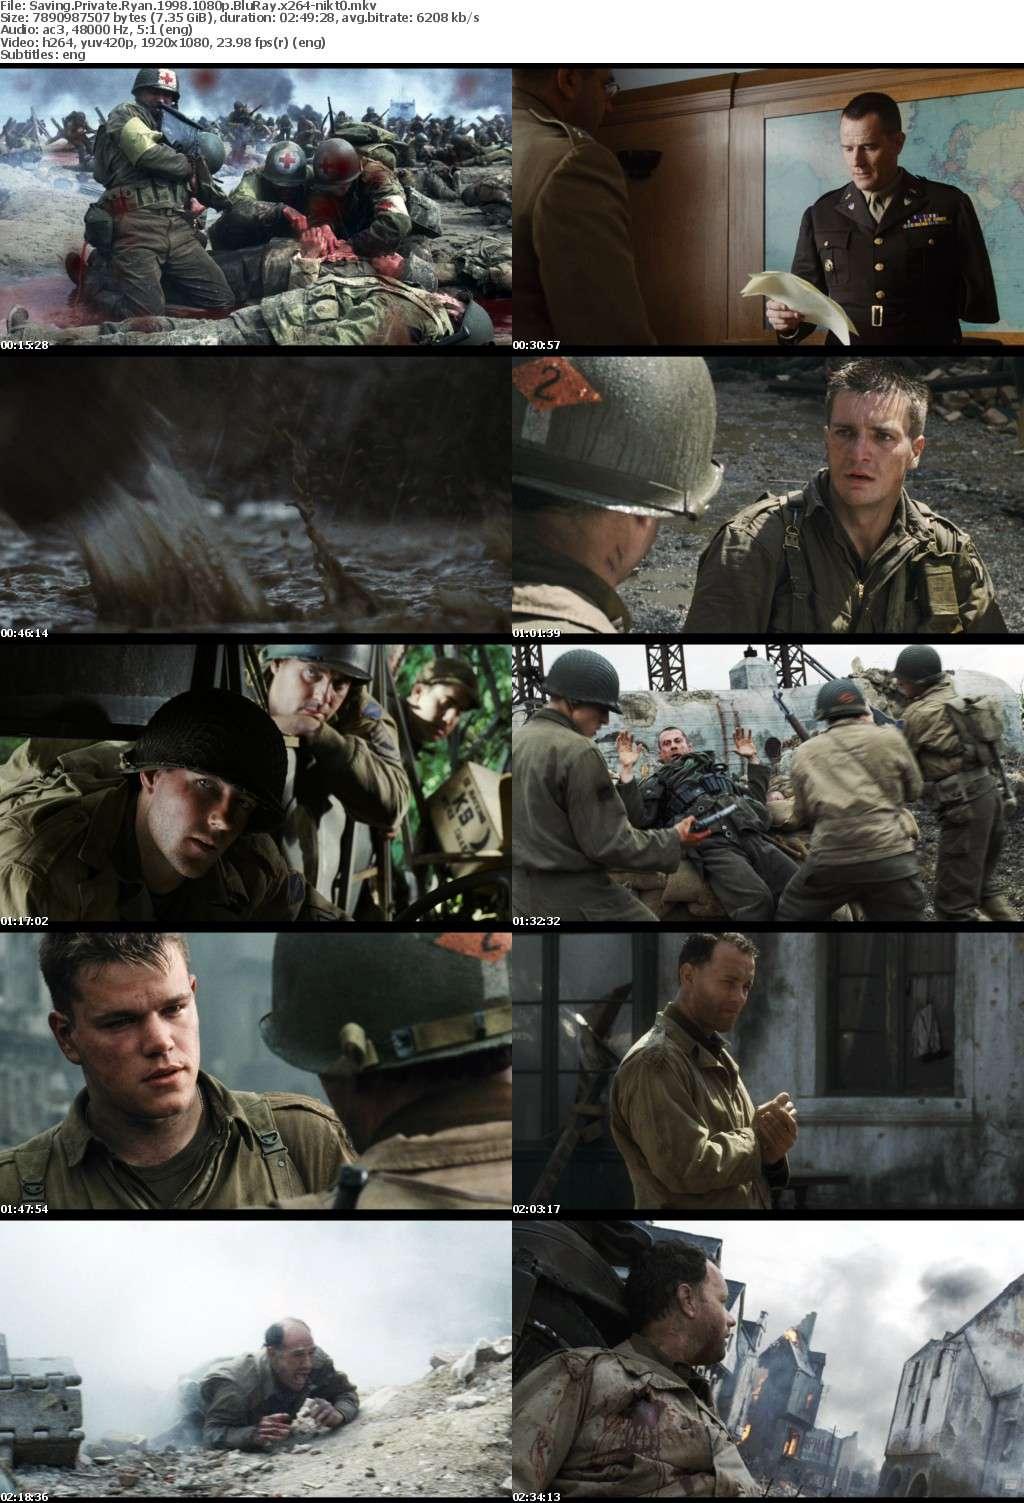 Saving Private Ryan 1998 1080p BluRay x264-nikt0